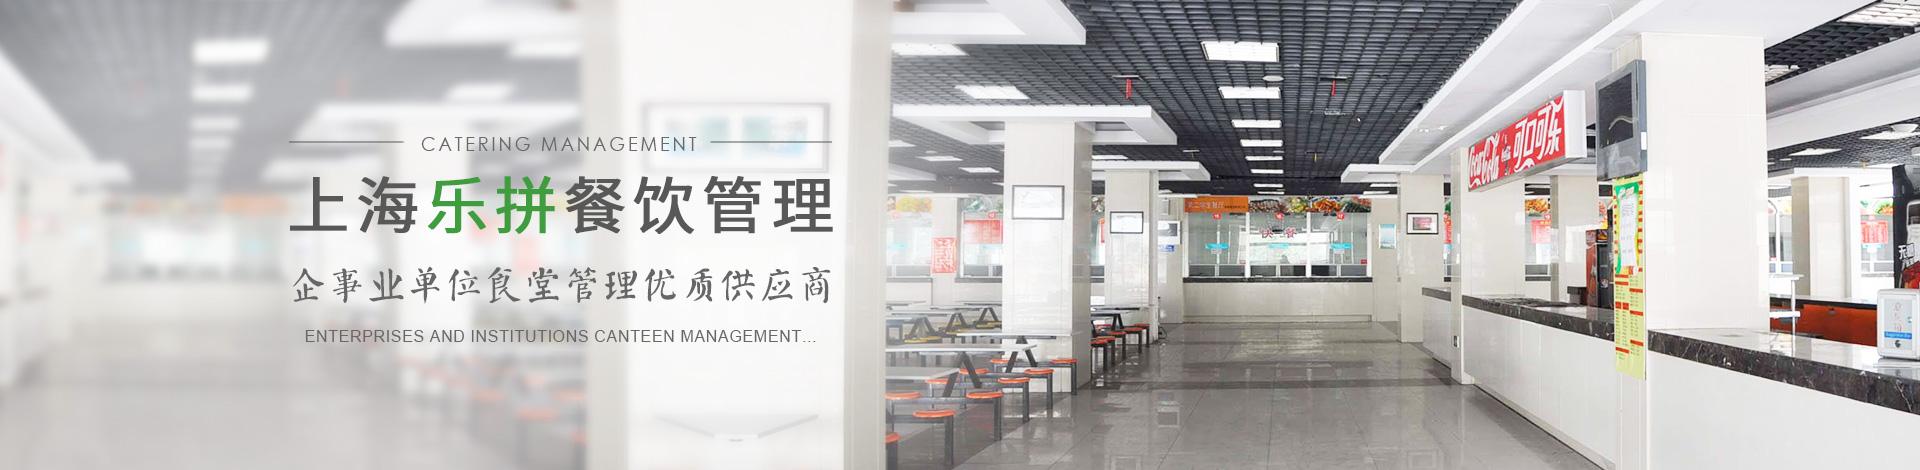 江苏食堂承包